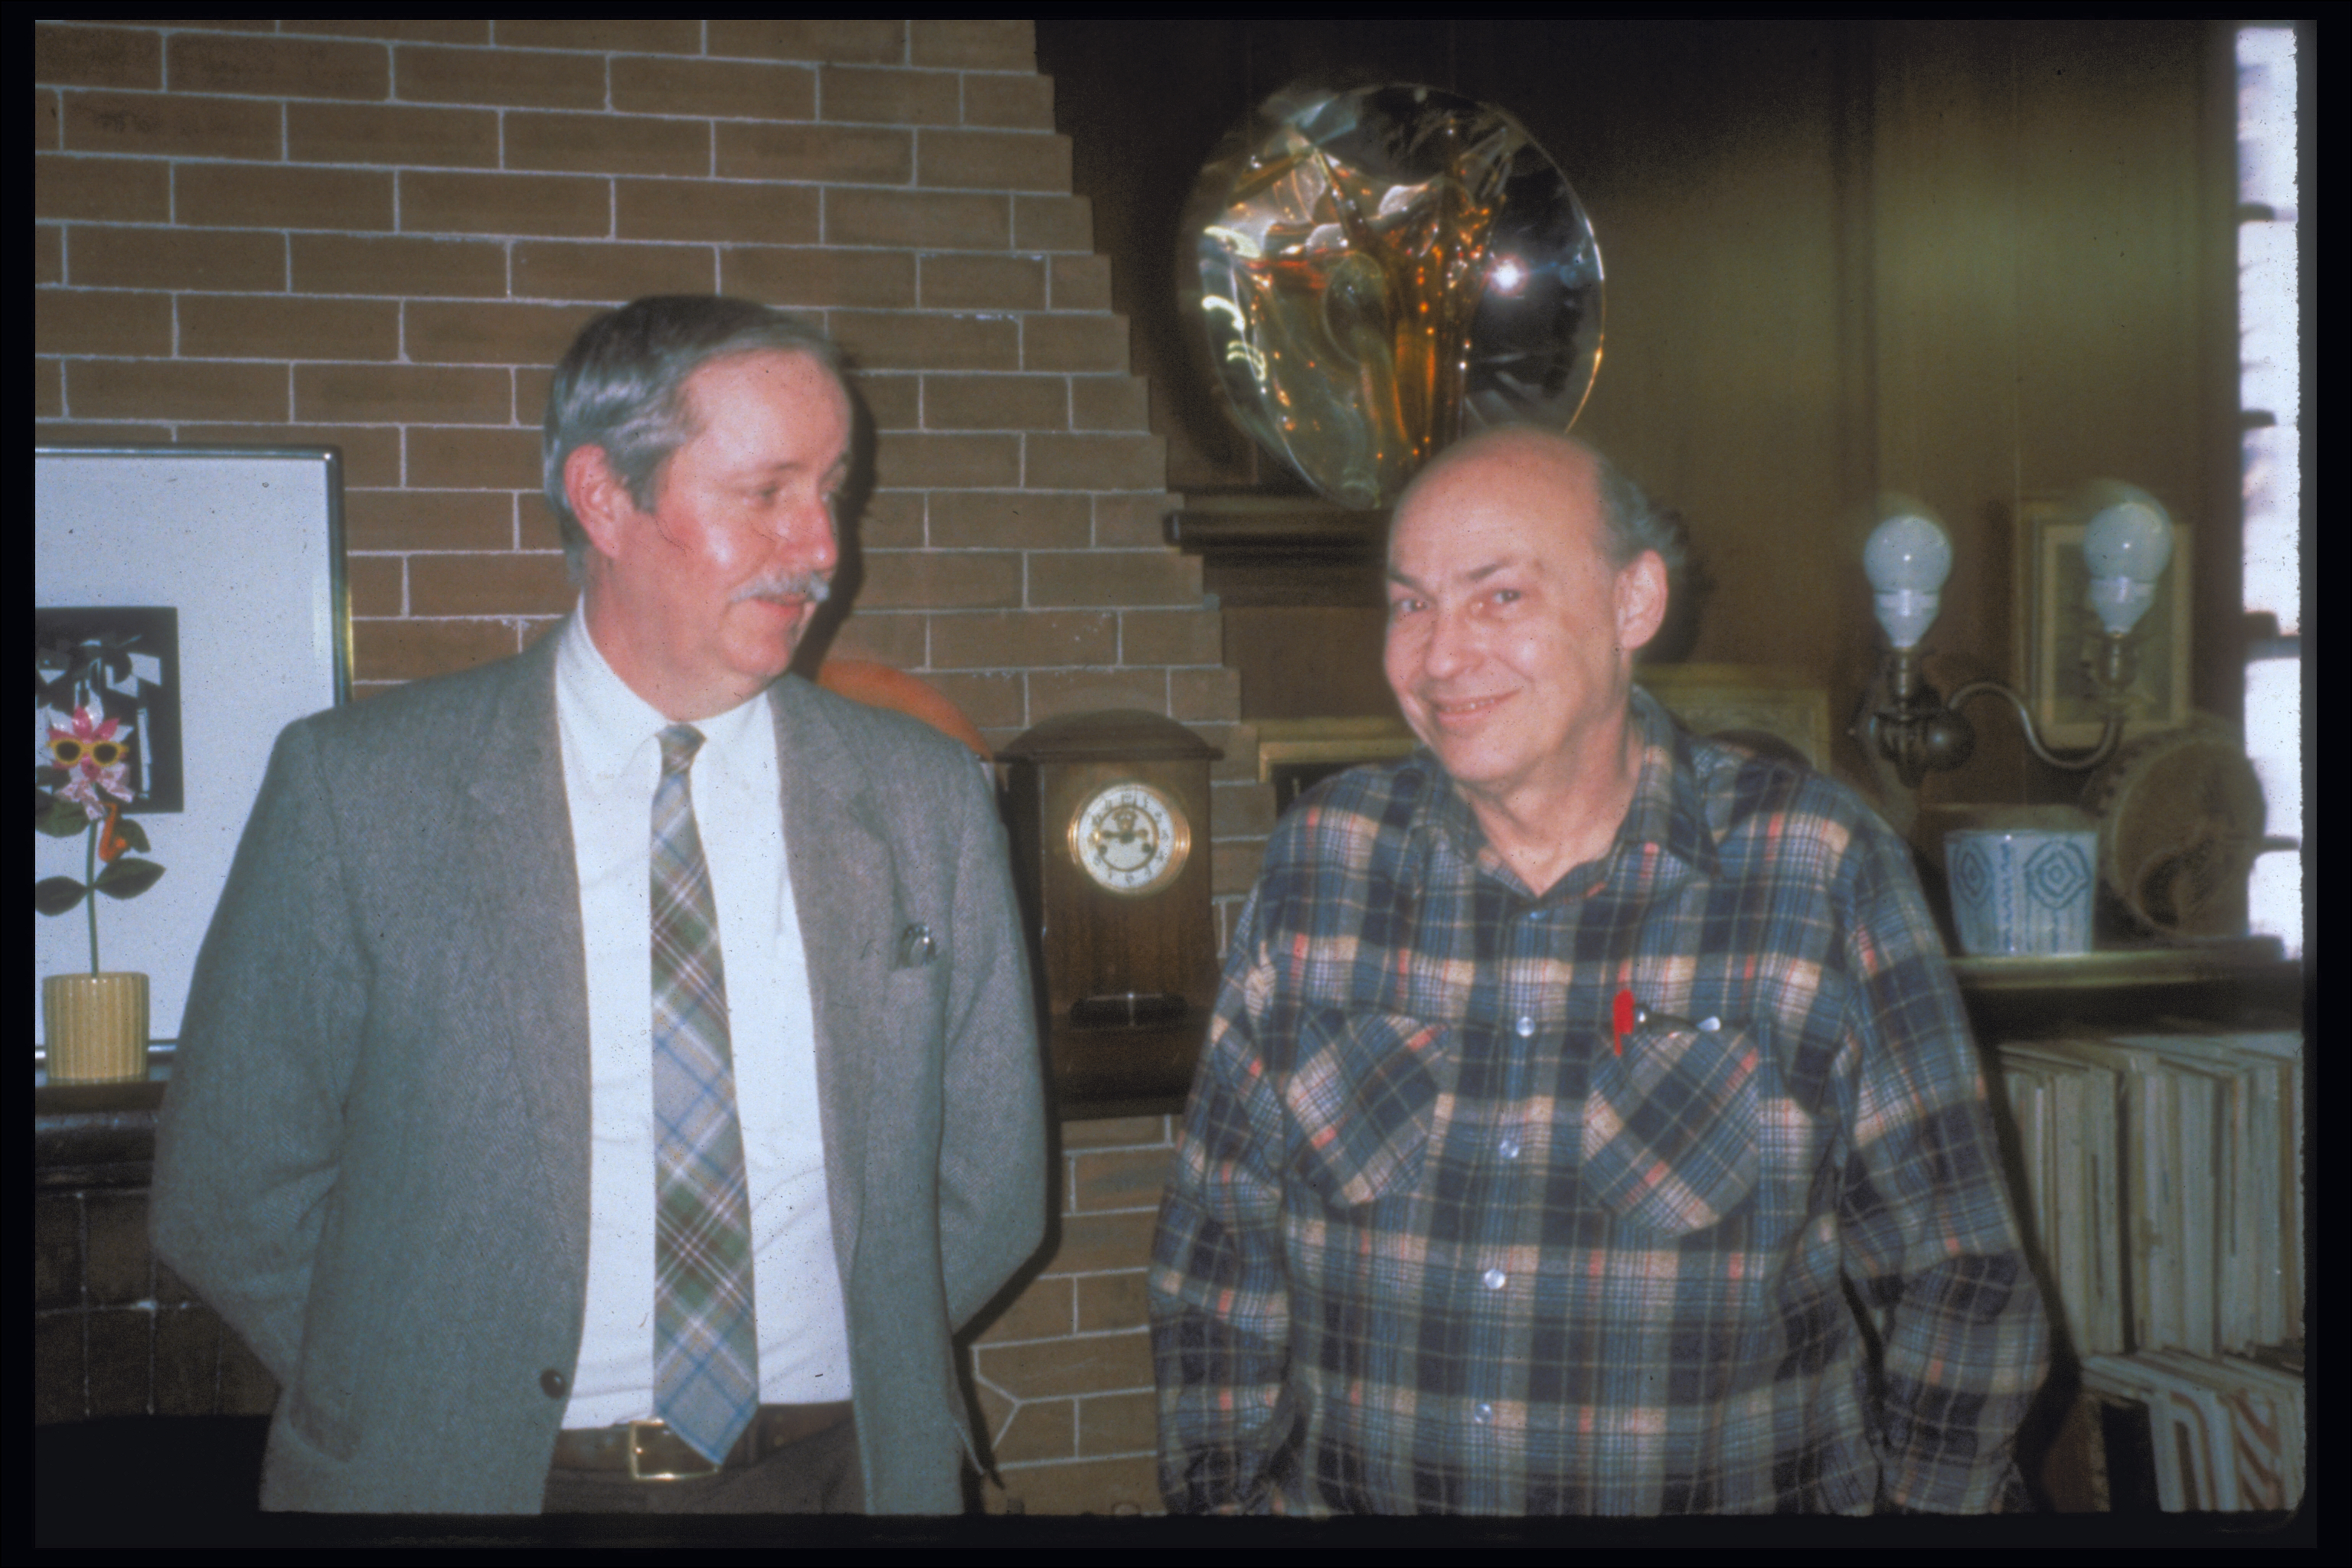 Minsky & Lawler, early 1990's